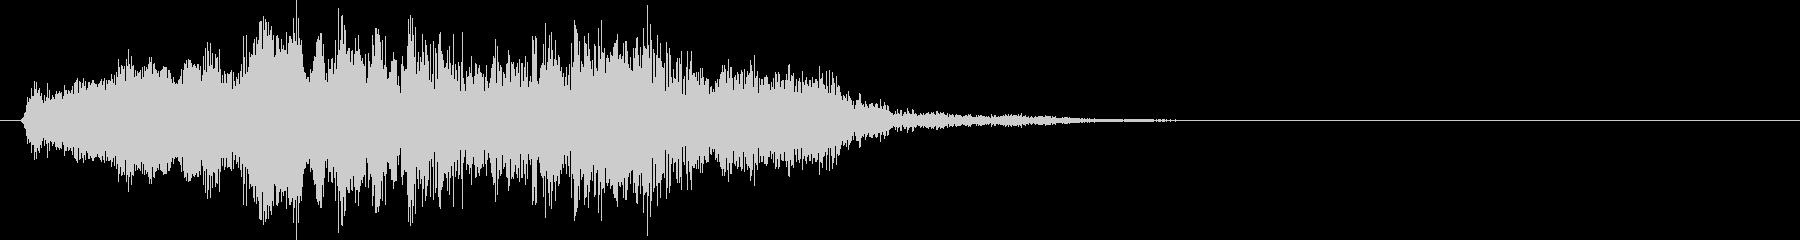 ピロリ(ポーズ音・ストップ音)の未再生の波形